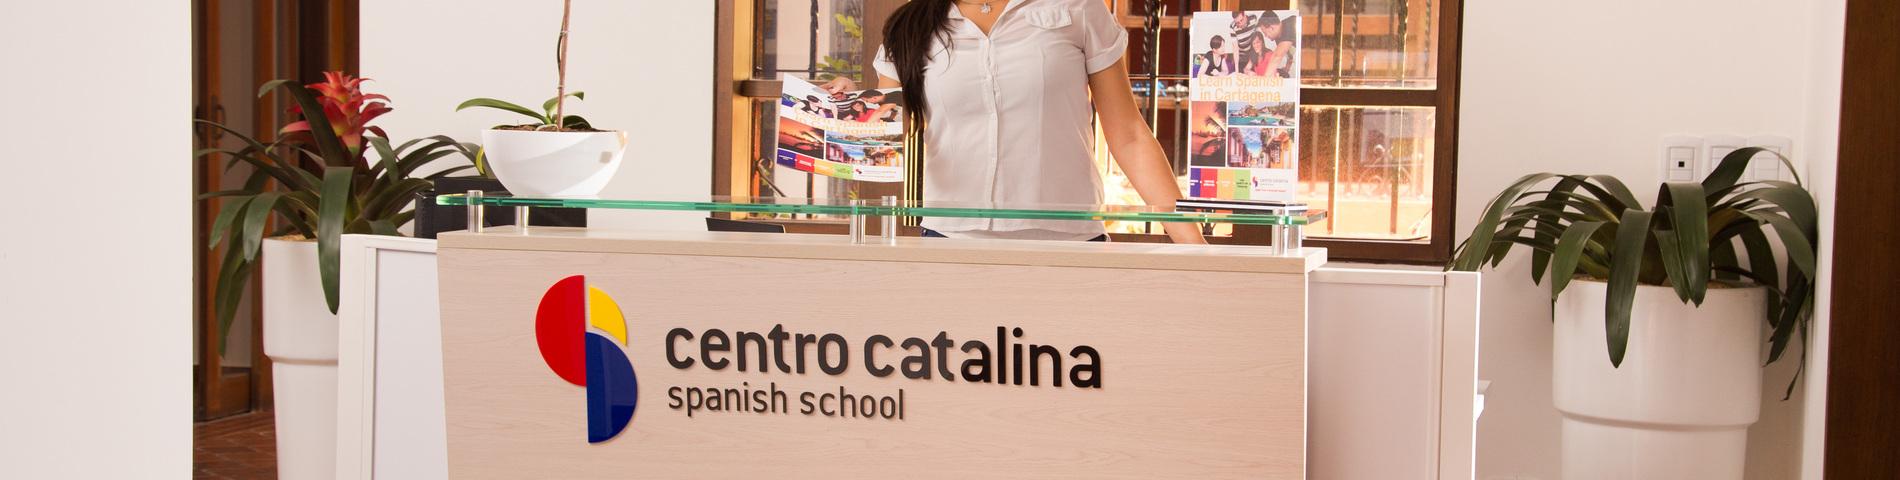 Centro Catalina صورة 1